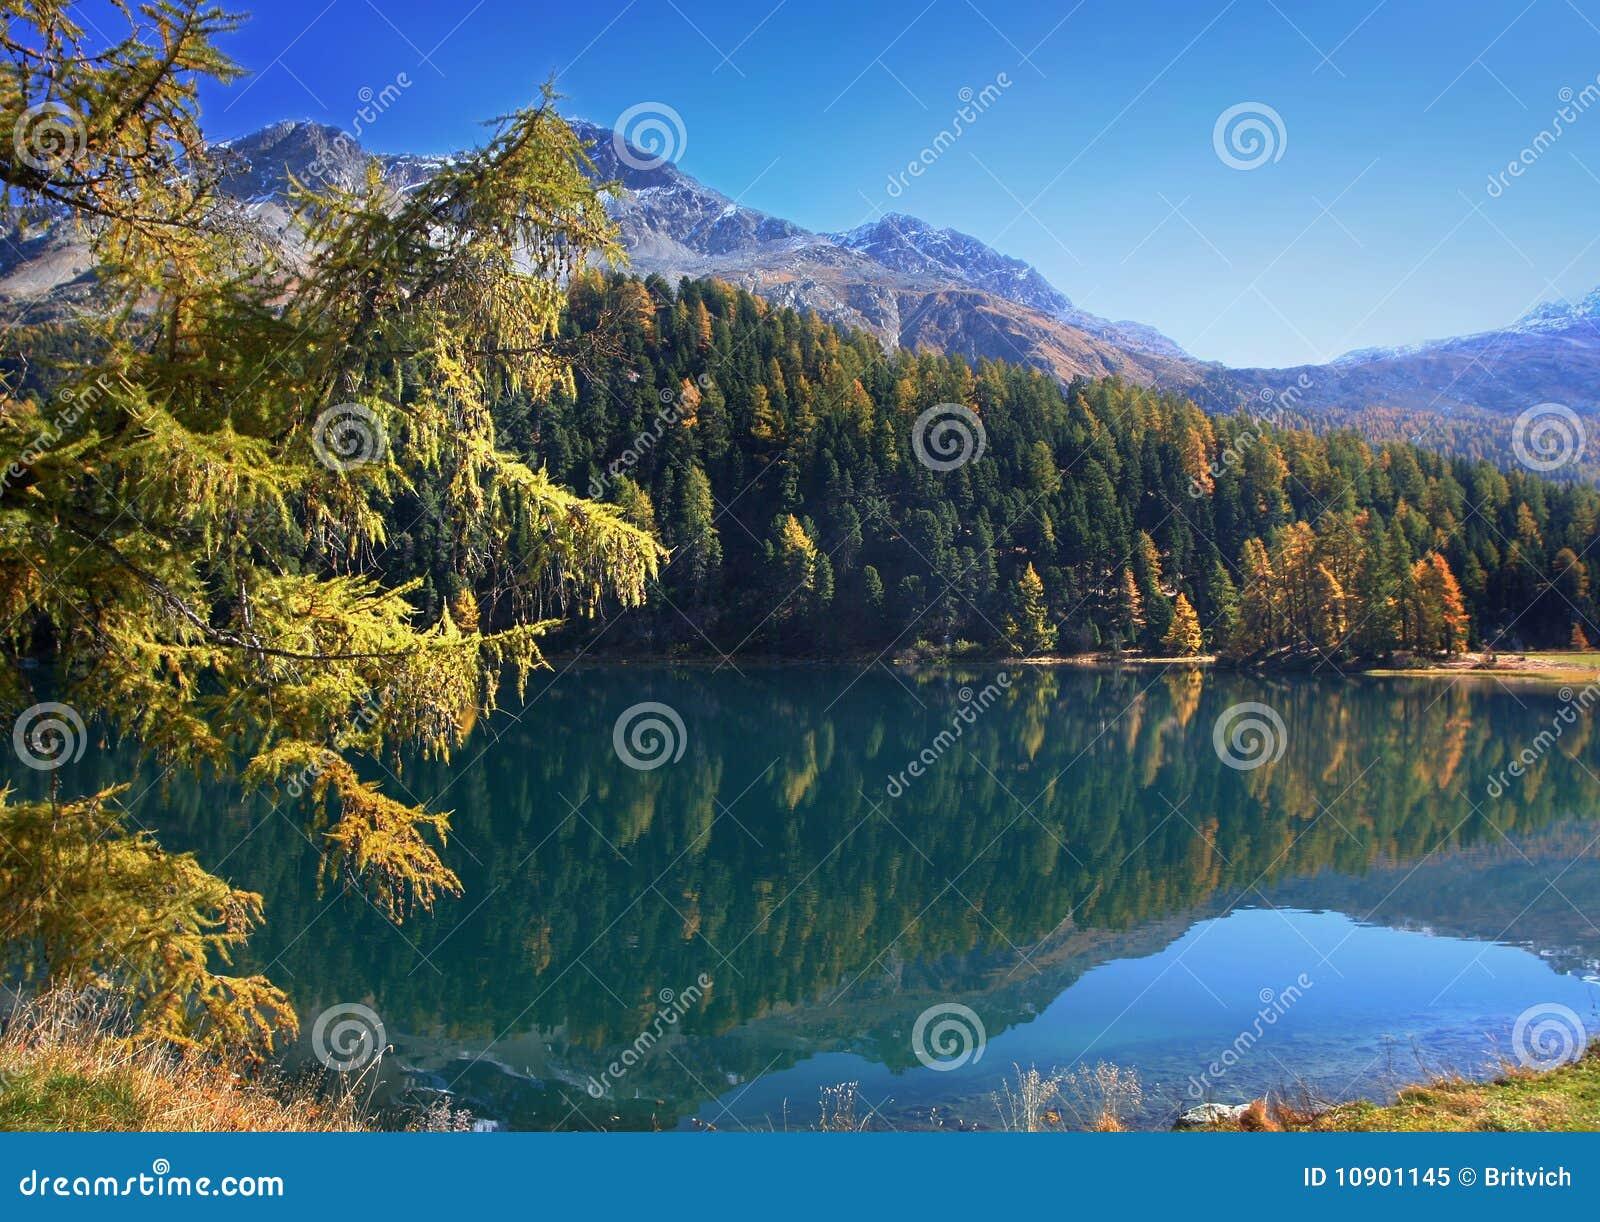 Calendario Svizzero.Autunno Sul Lago Svizzero Immagine Stock Immagine Di